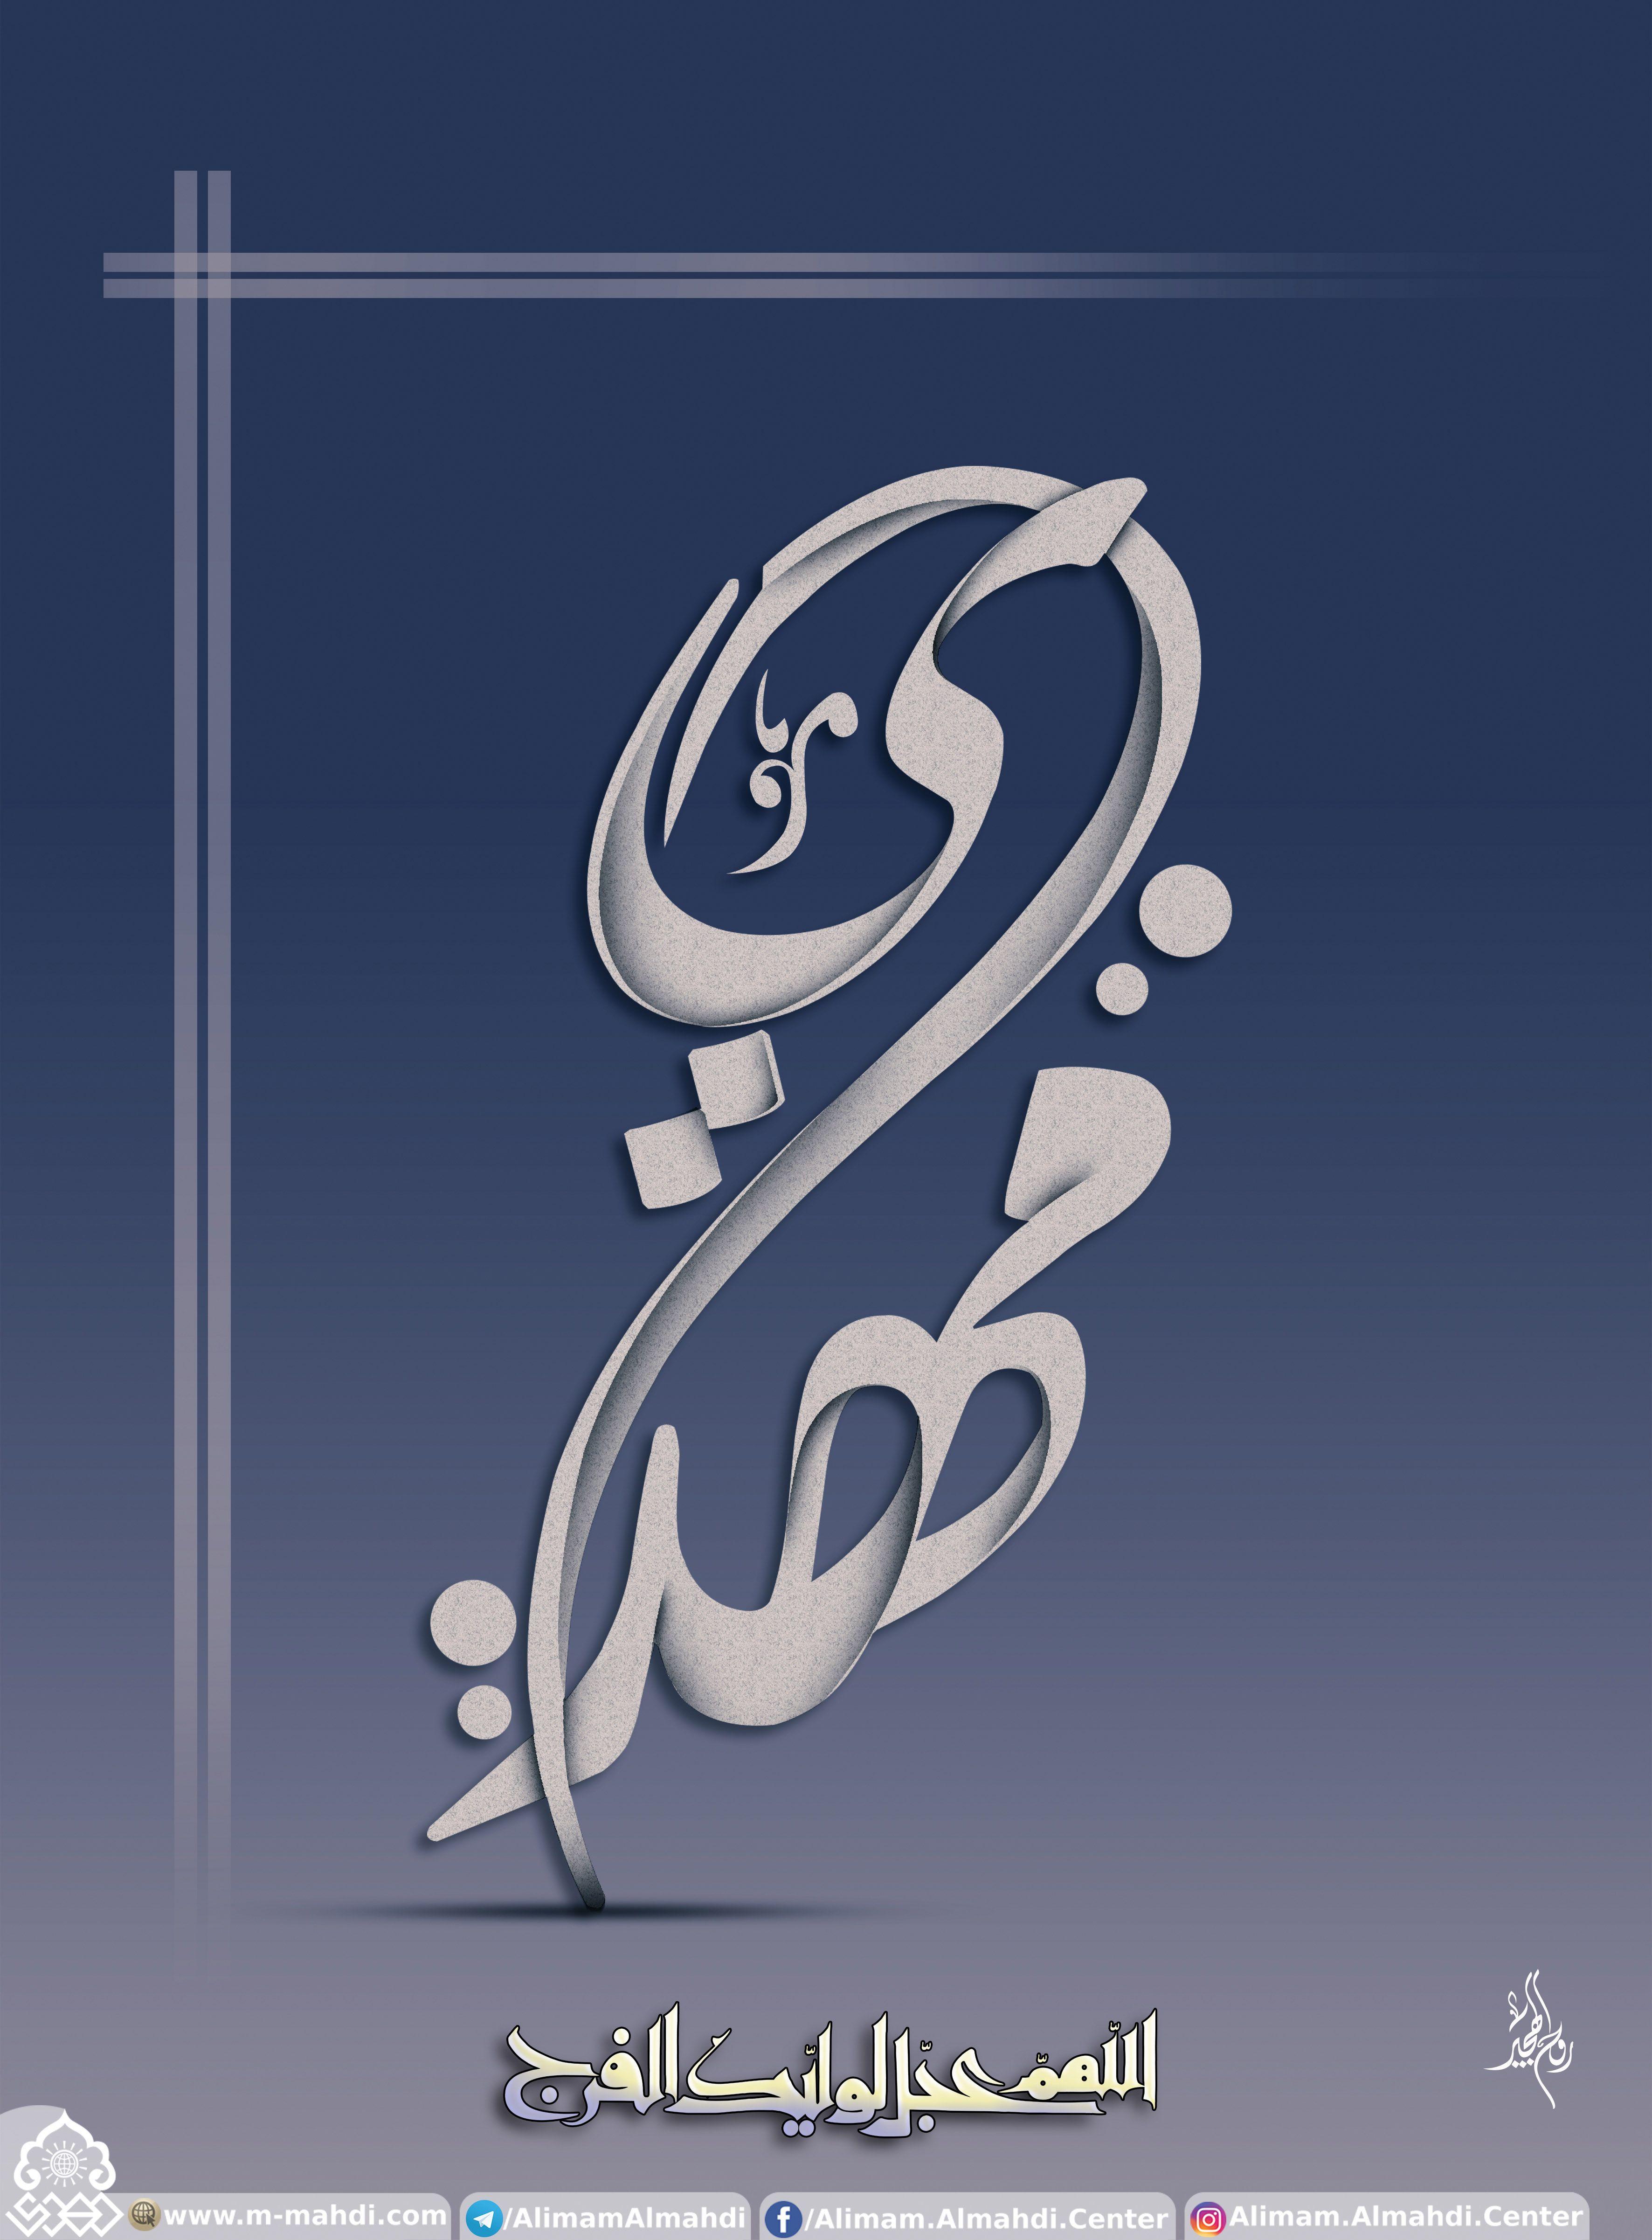 اللهم عج ل لوليك الفرج Symbols Letters Art